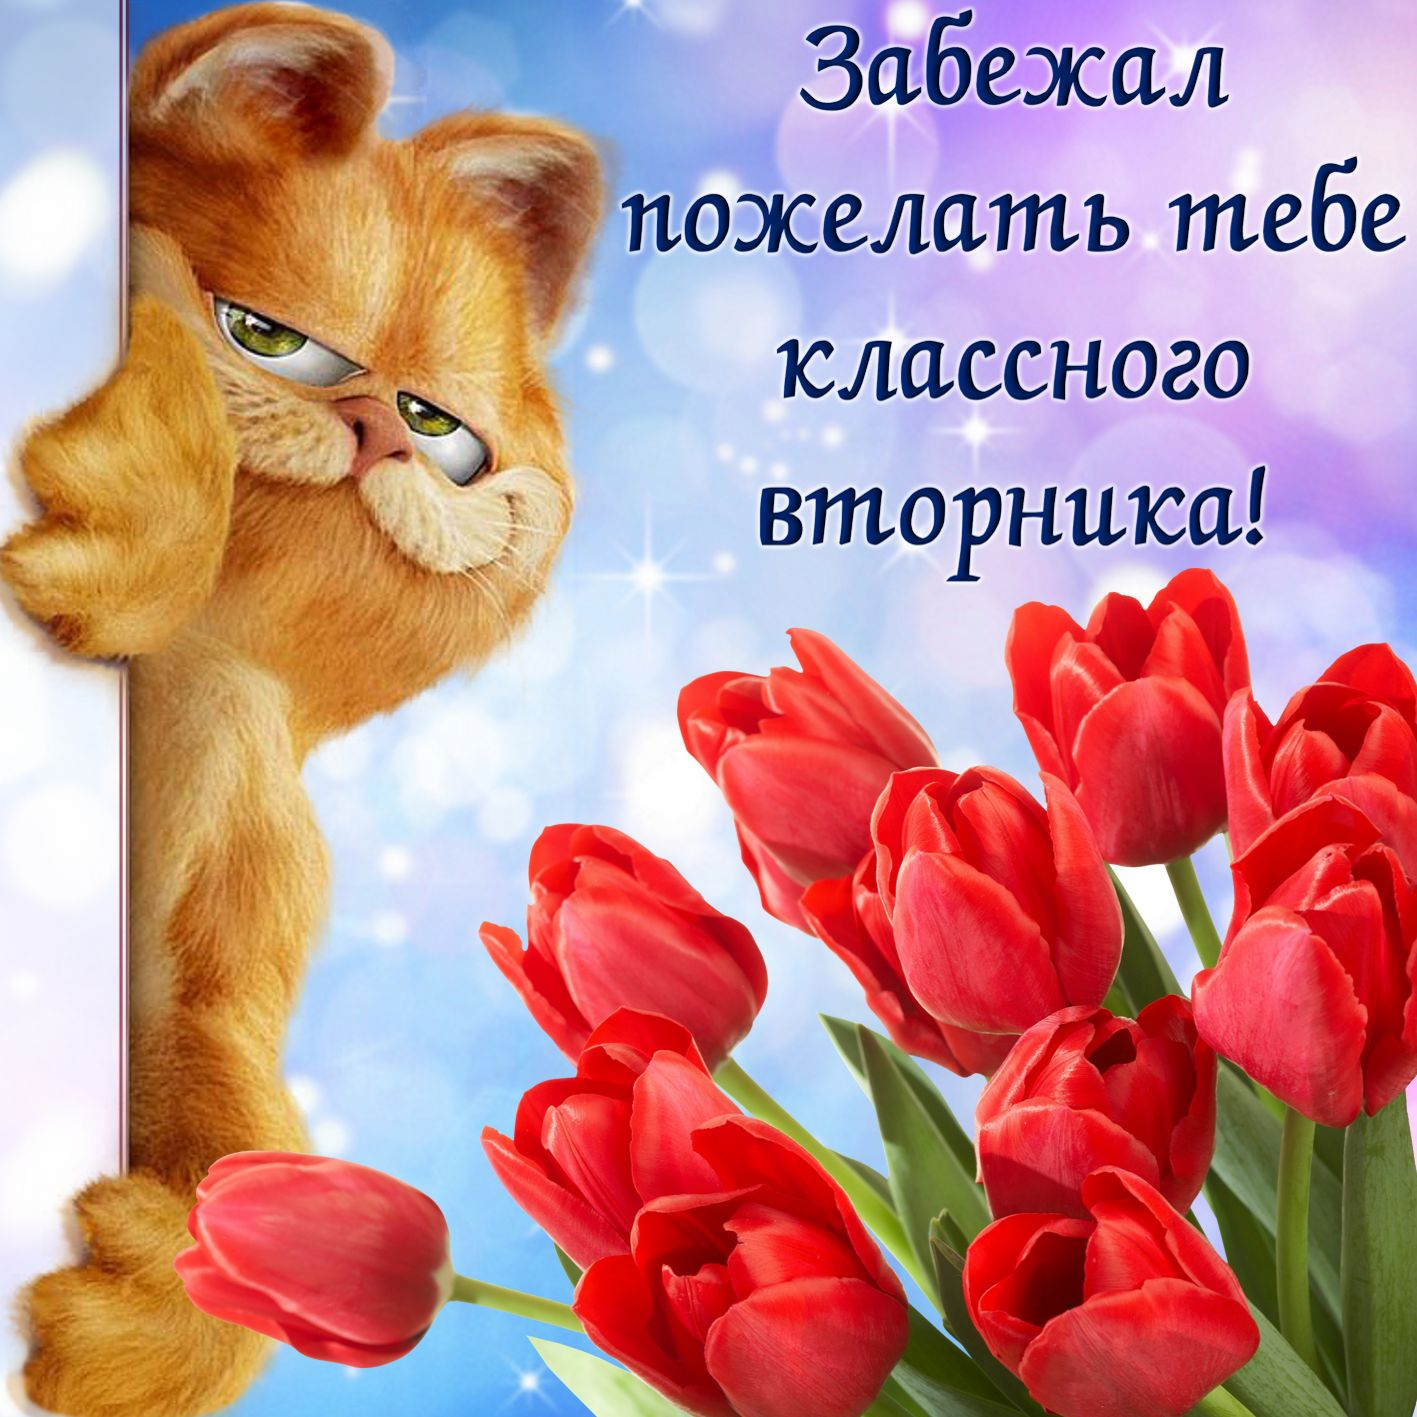 Открытка на вторник - красные тюльпаны и забавный котик